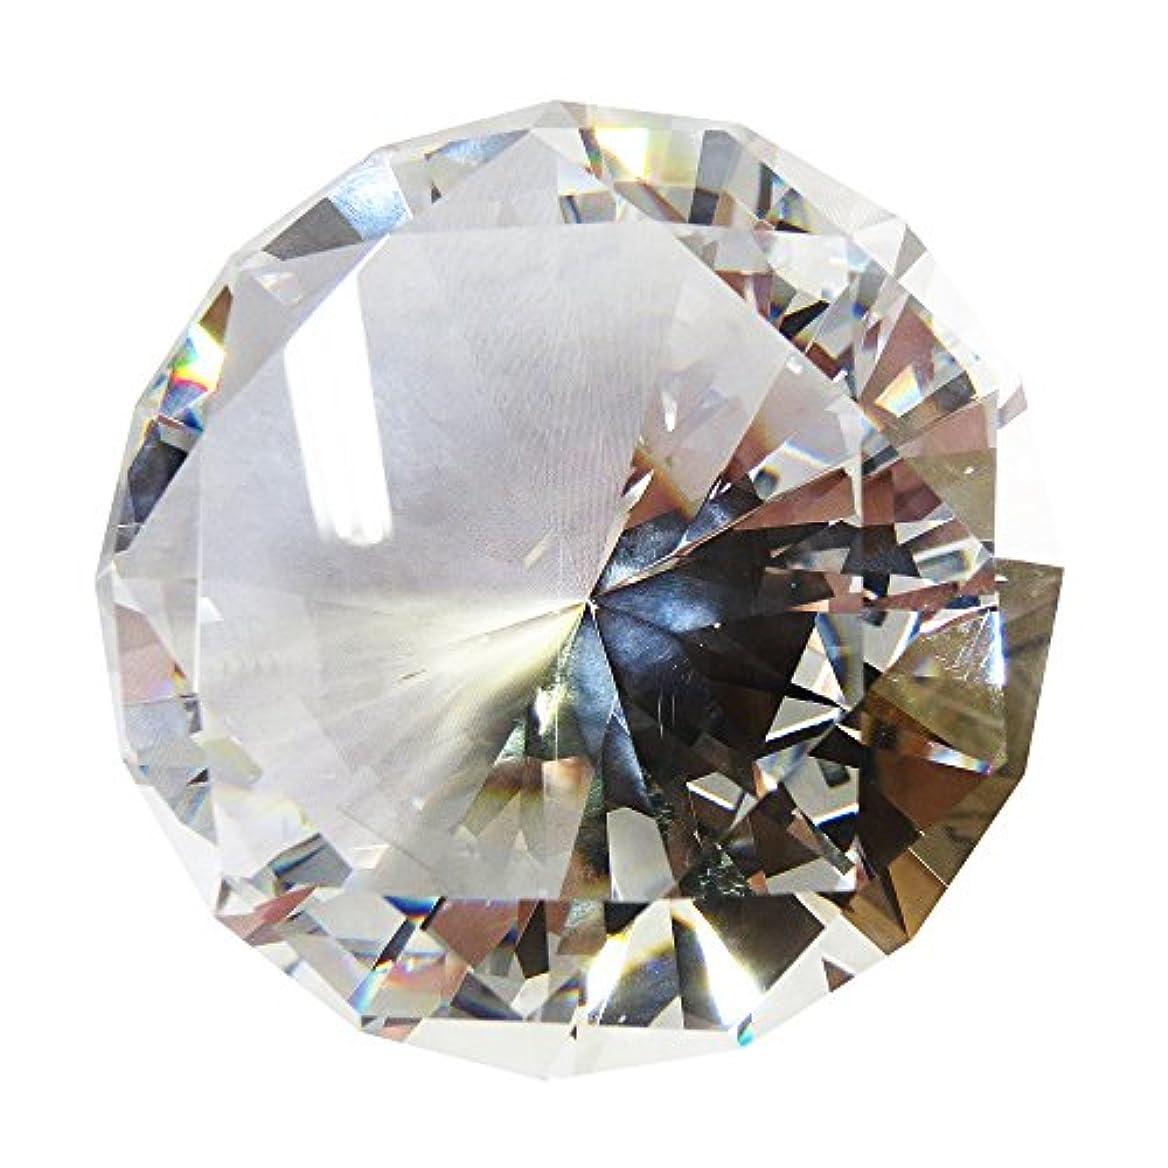 ヘルパー司令官飼料SHAREYDVA クリスタルダイヤ 59435